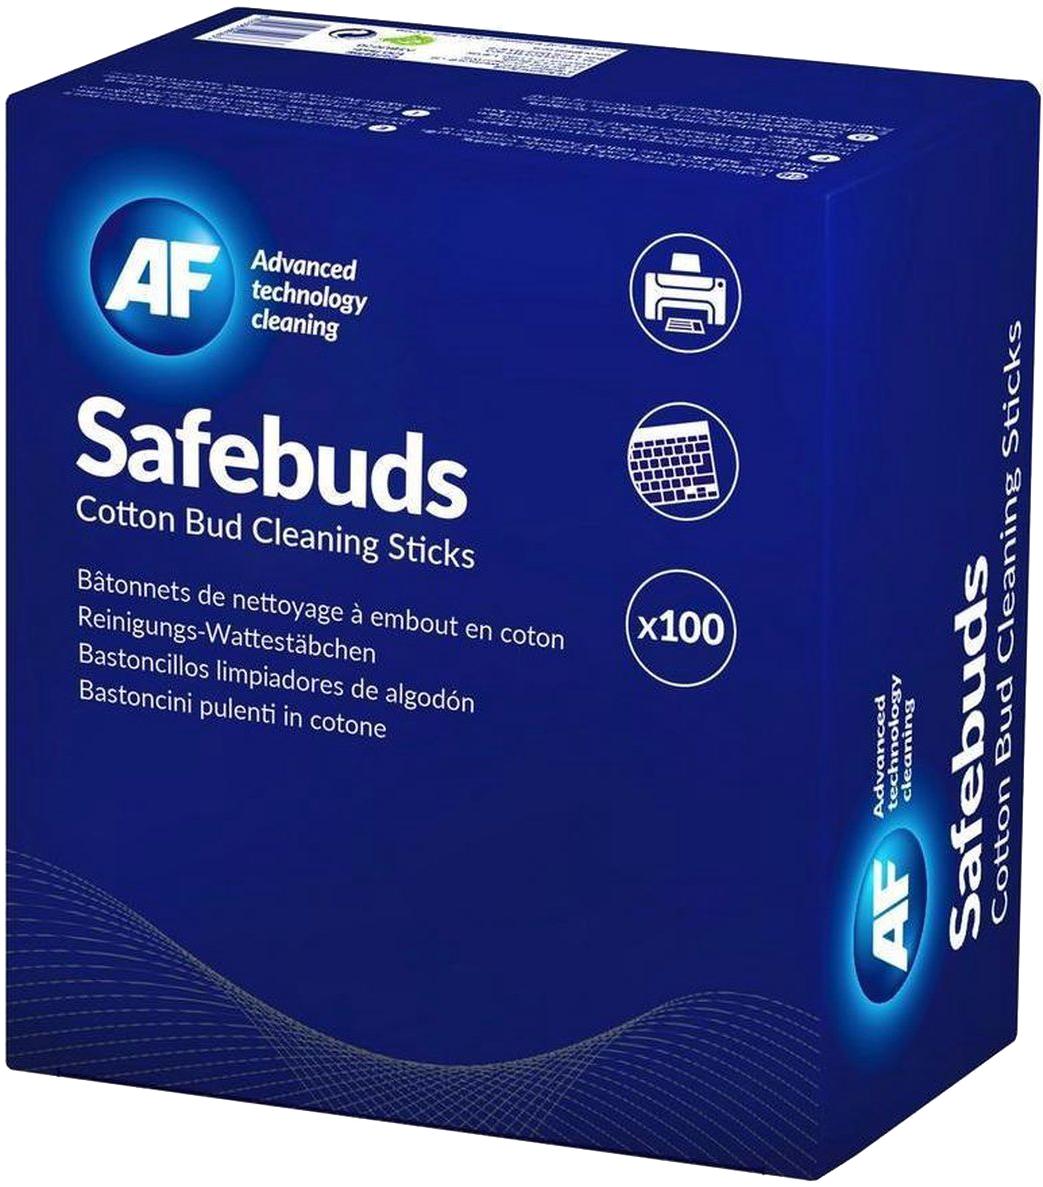 AF Safebuds